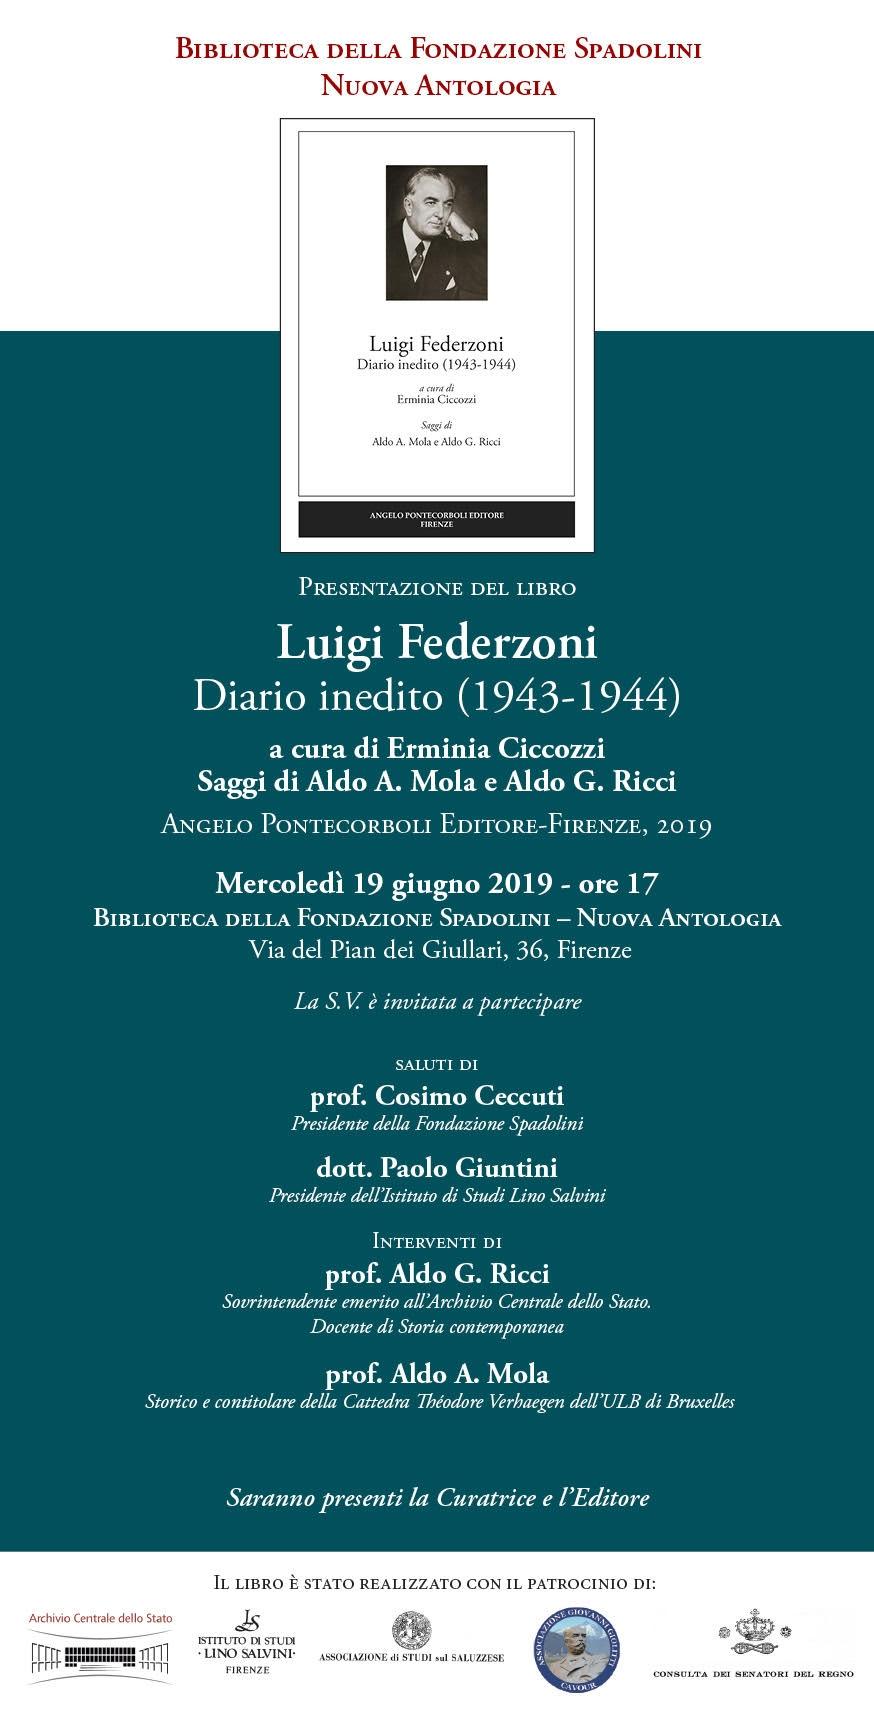 """IL DIARIO INEDITO DI LUIGI FEDERZONI ALLA FONDAZIONE """"SPADOLINI - NUOVA ANTOLOGIA"""" (Firenze, 19 giugno 2019)"""